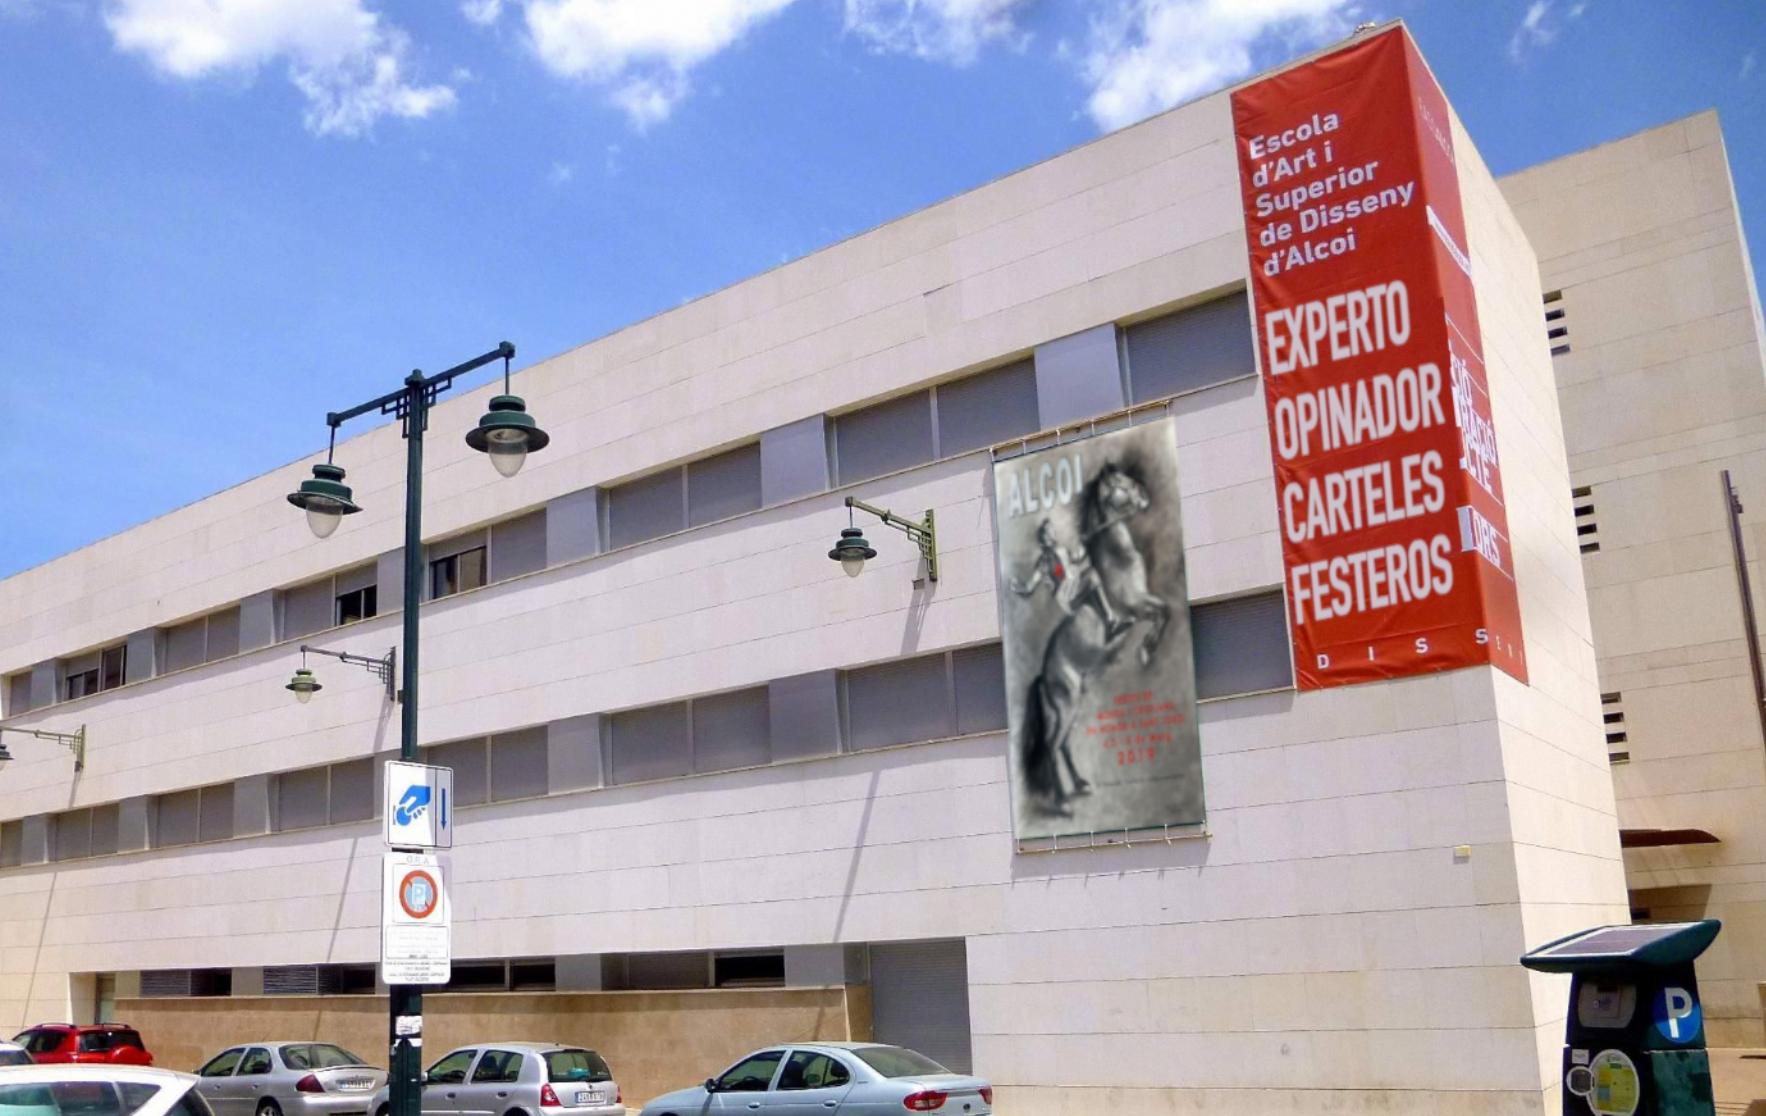 L'Escola d'Art i Superior de Disseny de Alcoy incluirá en su oferta educativa la titulación de 'Experto Opinador en Carteles Festeros'